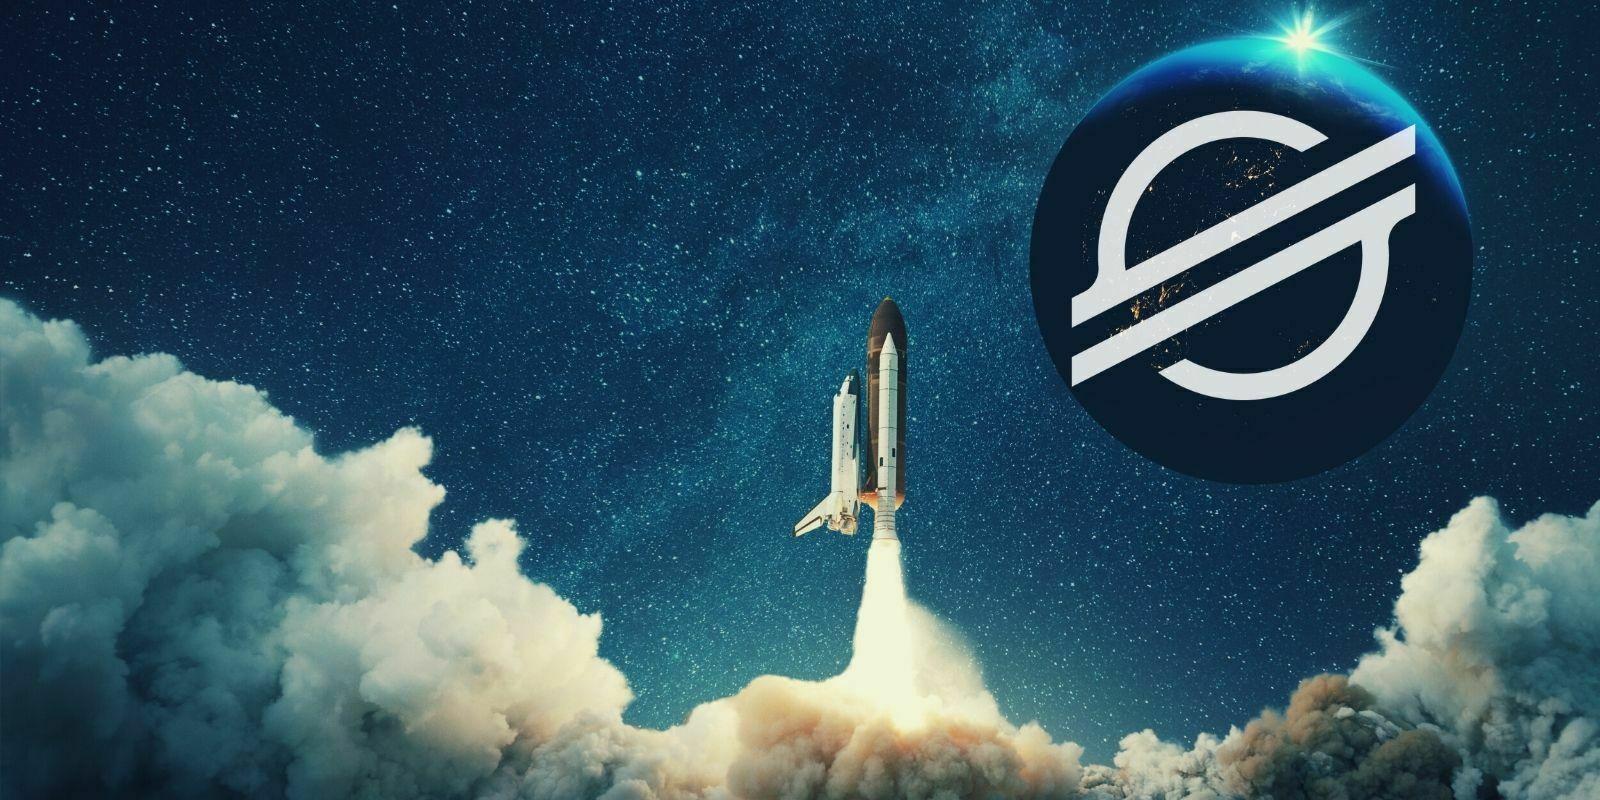 La fusée Stellar (XLM) décolle et grimpe de +130 % en 24 heures